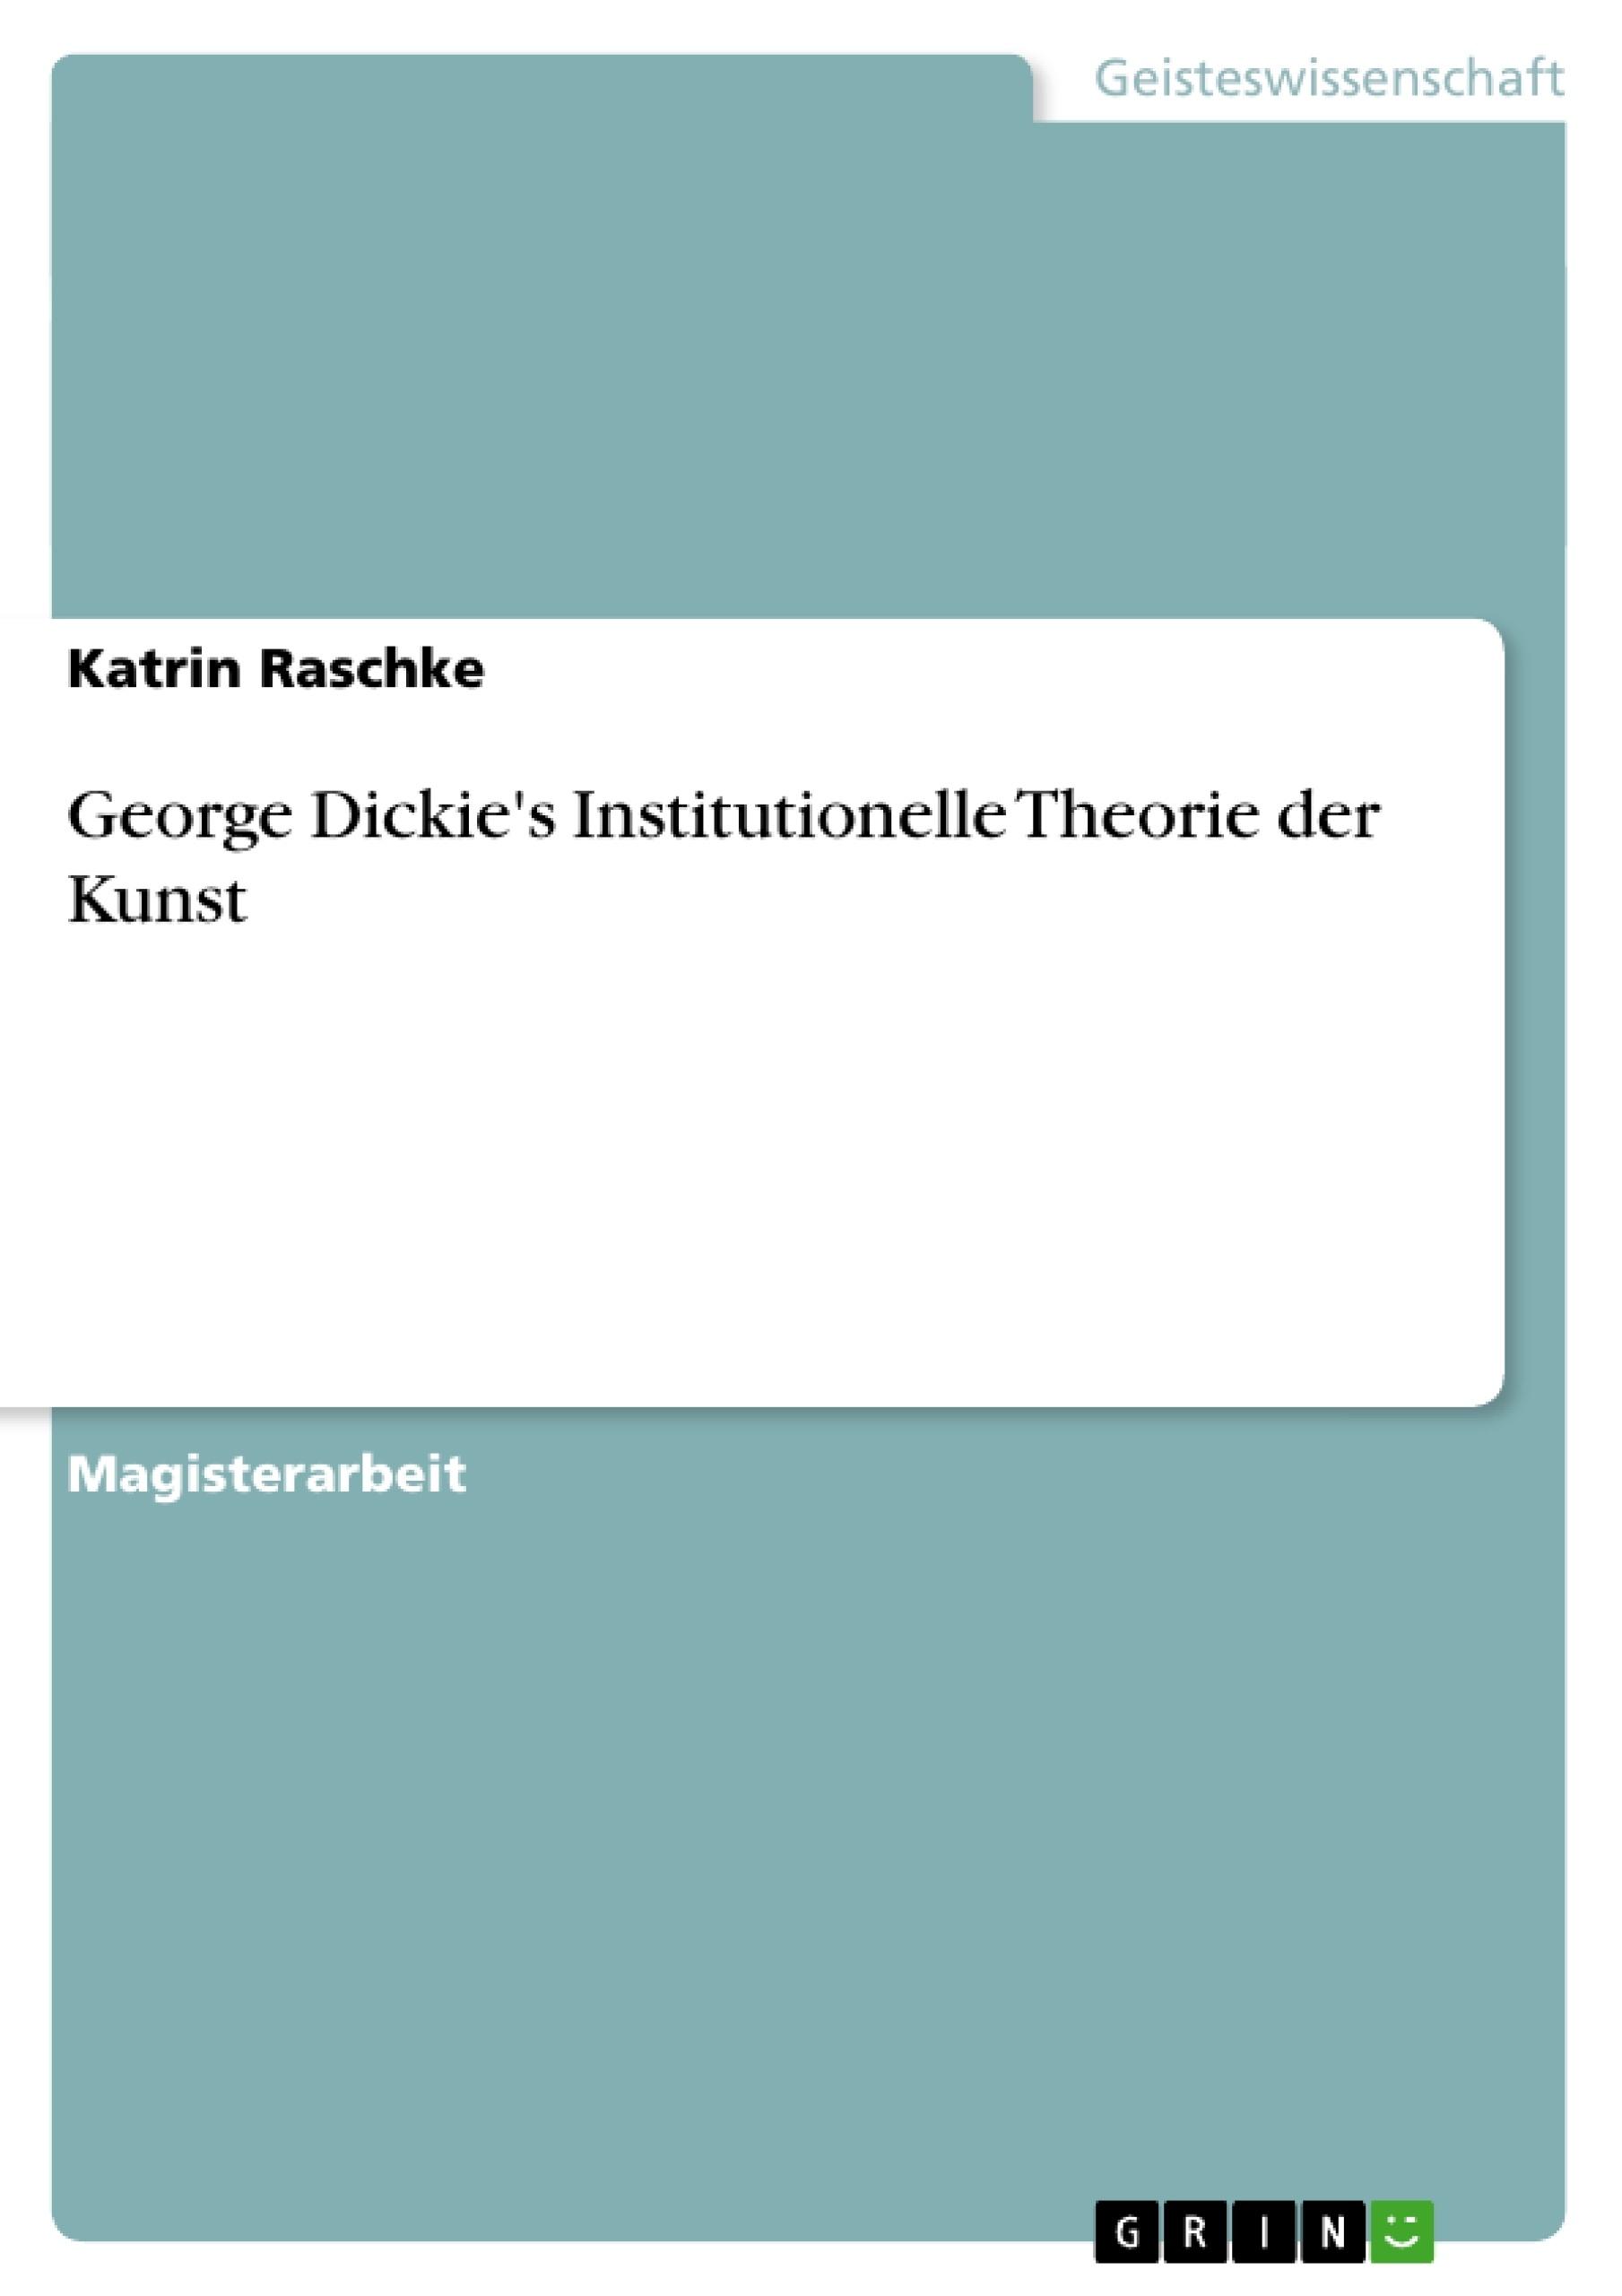 Titel: George Dickie's Institutionelle Theorie der Kunst